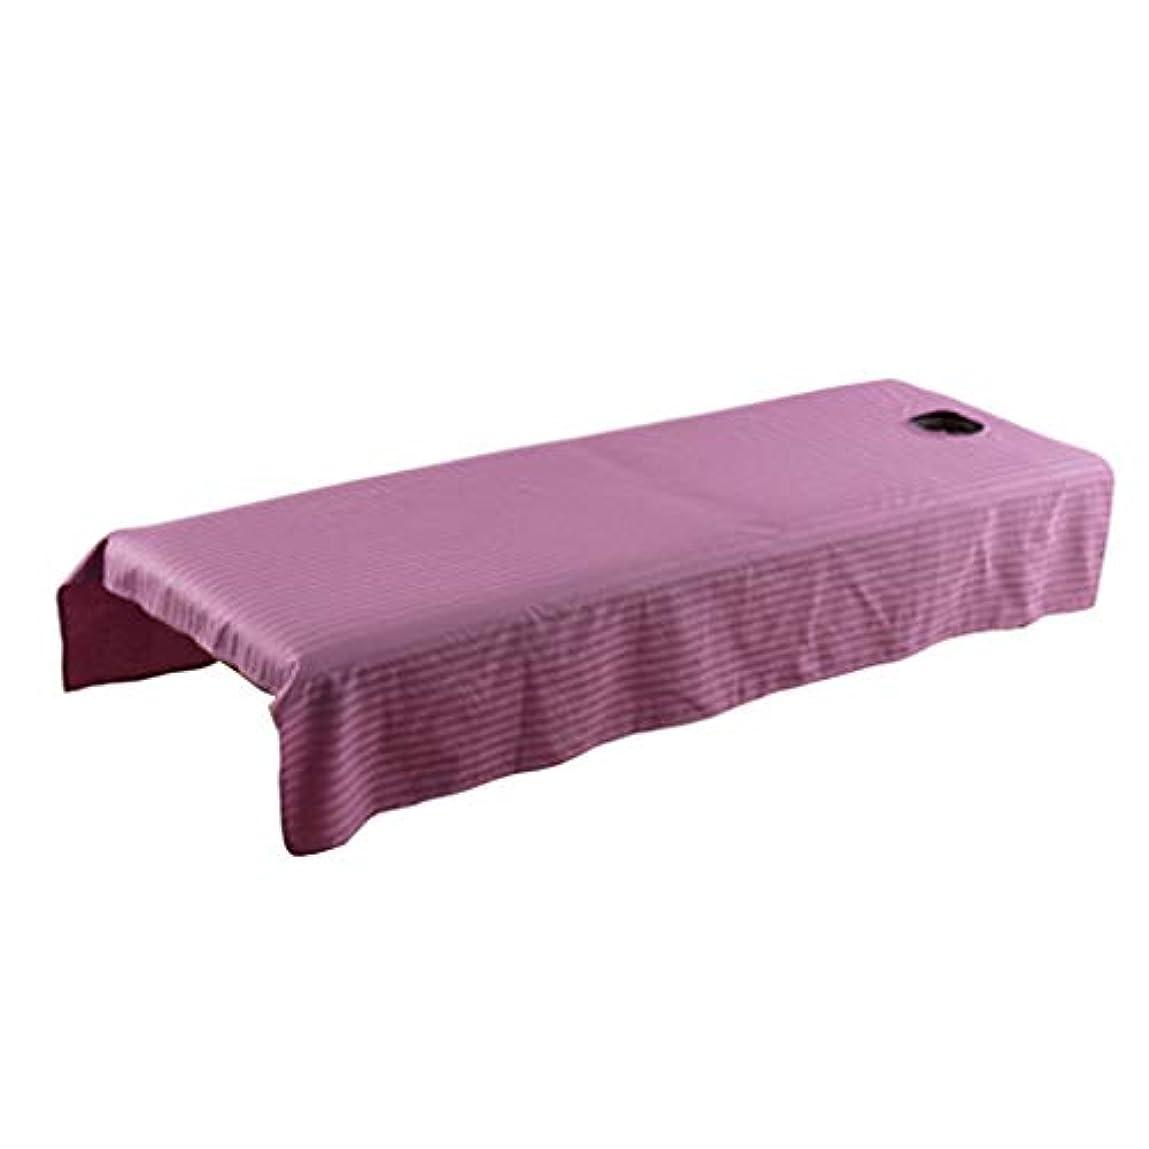 立派な巧みな所有者マッサージベッドカバー 有孔 スパベッドカバー マッサージテーブル シート 全5カラー - 紫の